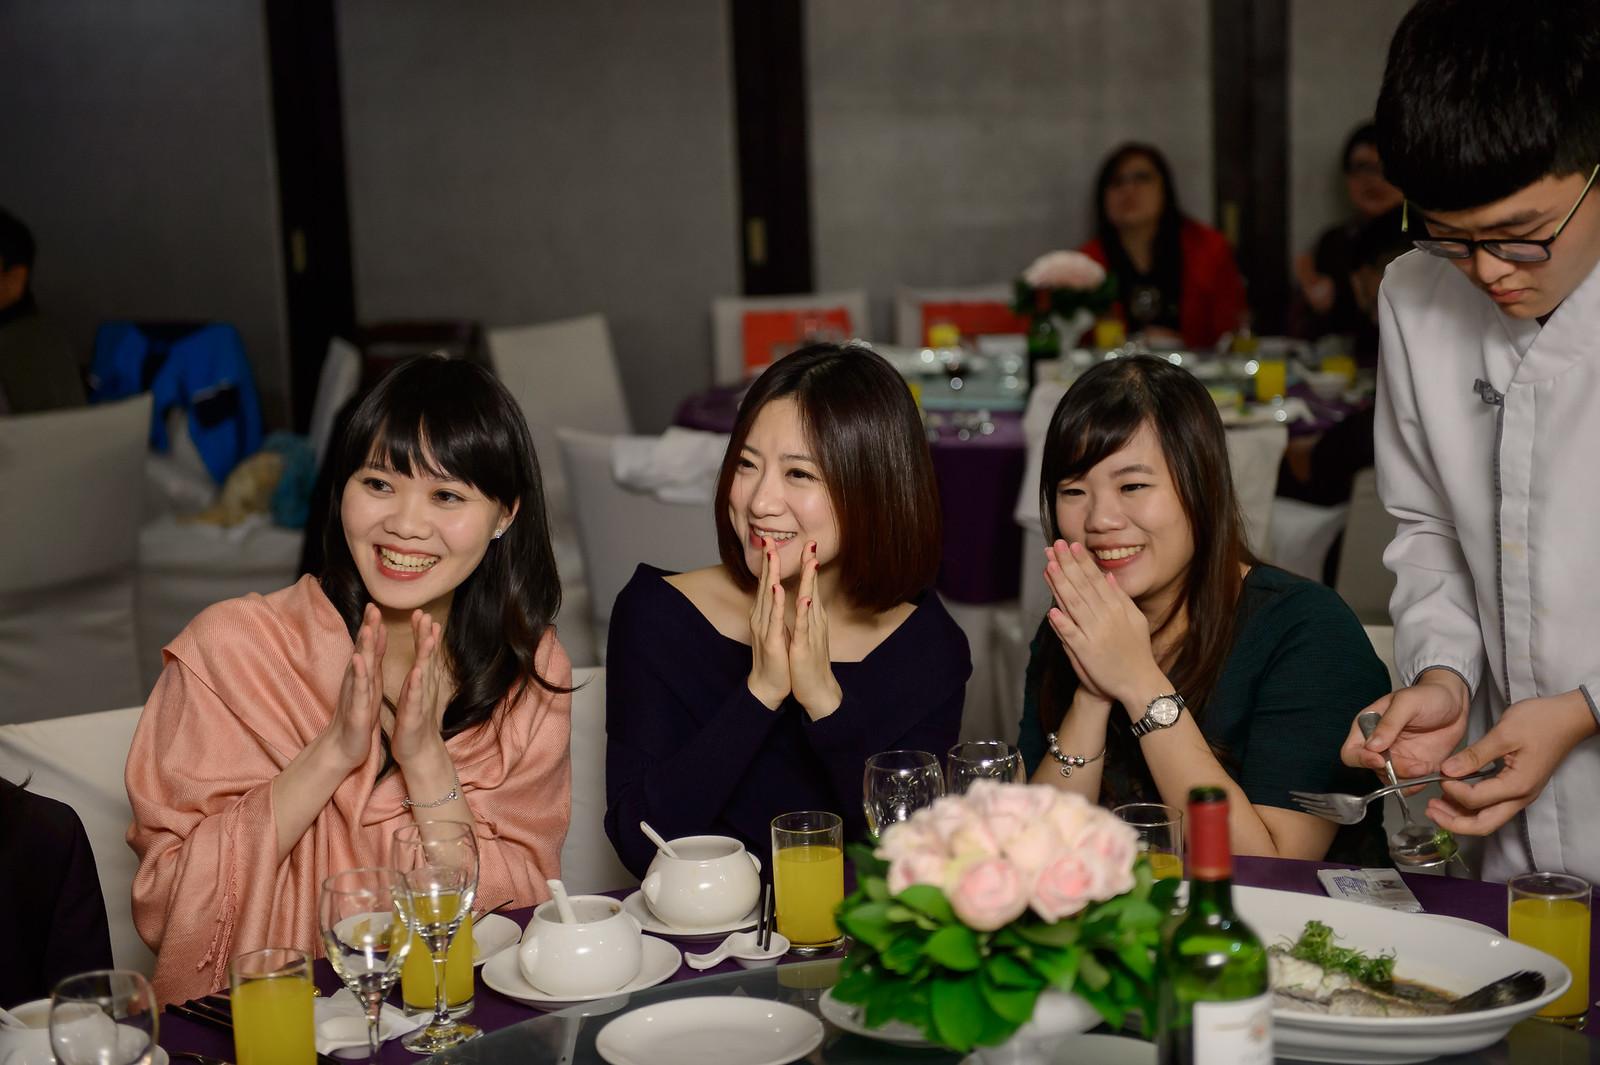 台北婚攝, 婚禮攝影, 婚攝, 婚攝守恆, 婚攝推薦, 晶華酒店, 晶華酒店婚宴, 晶華酒店婚攝-87